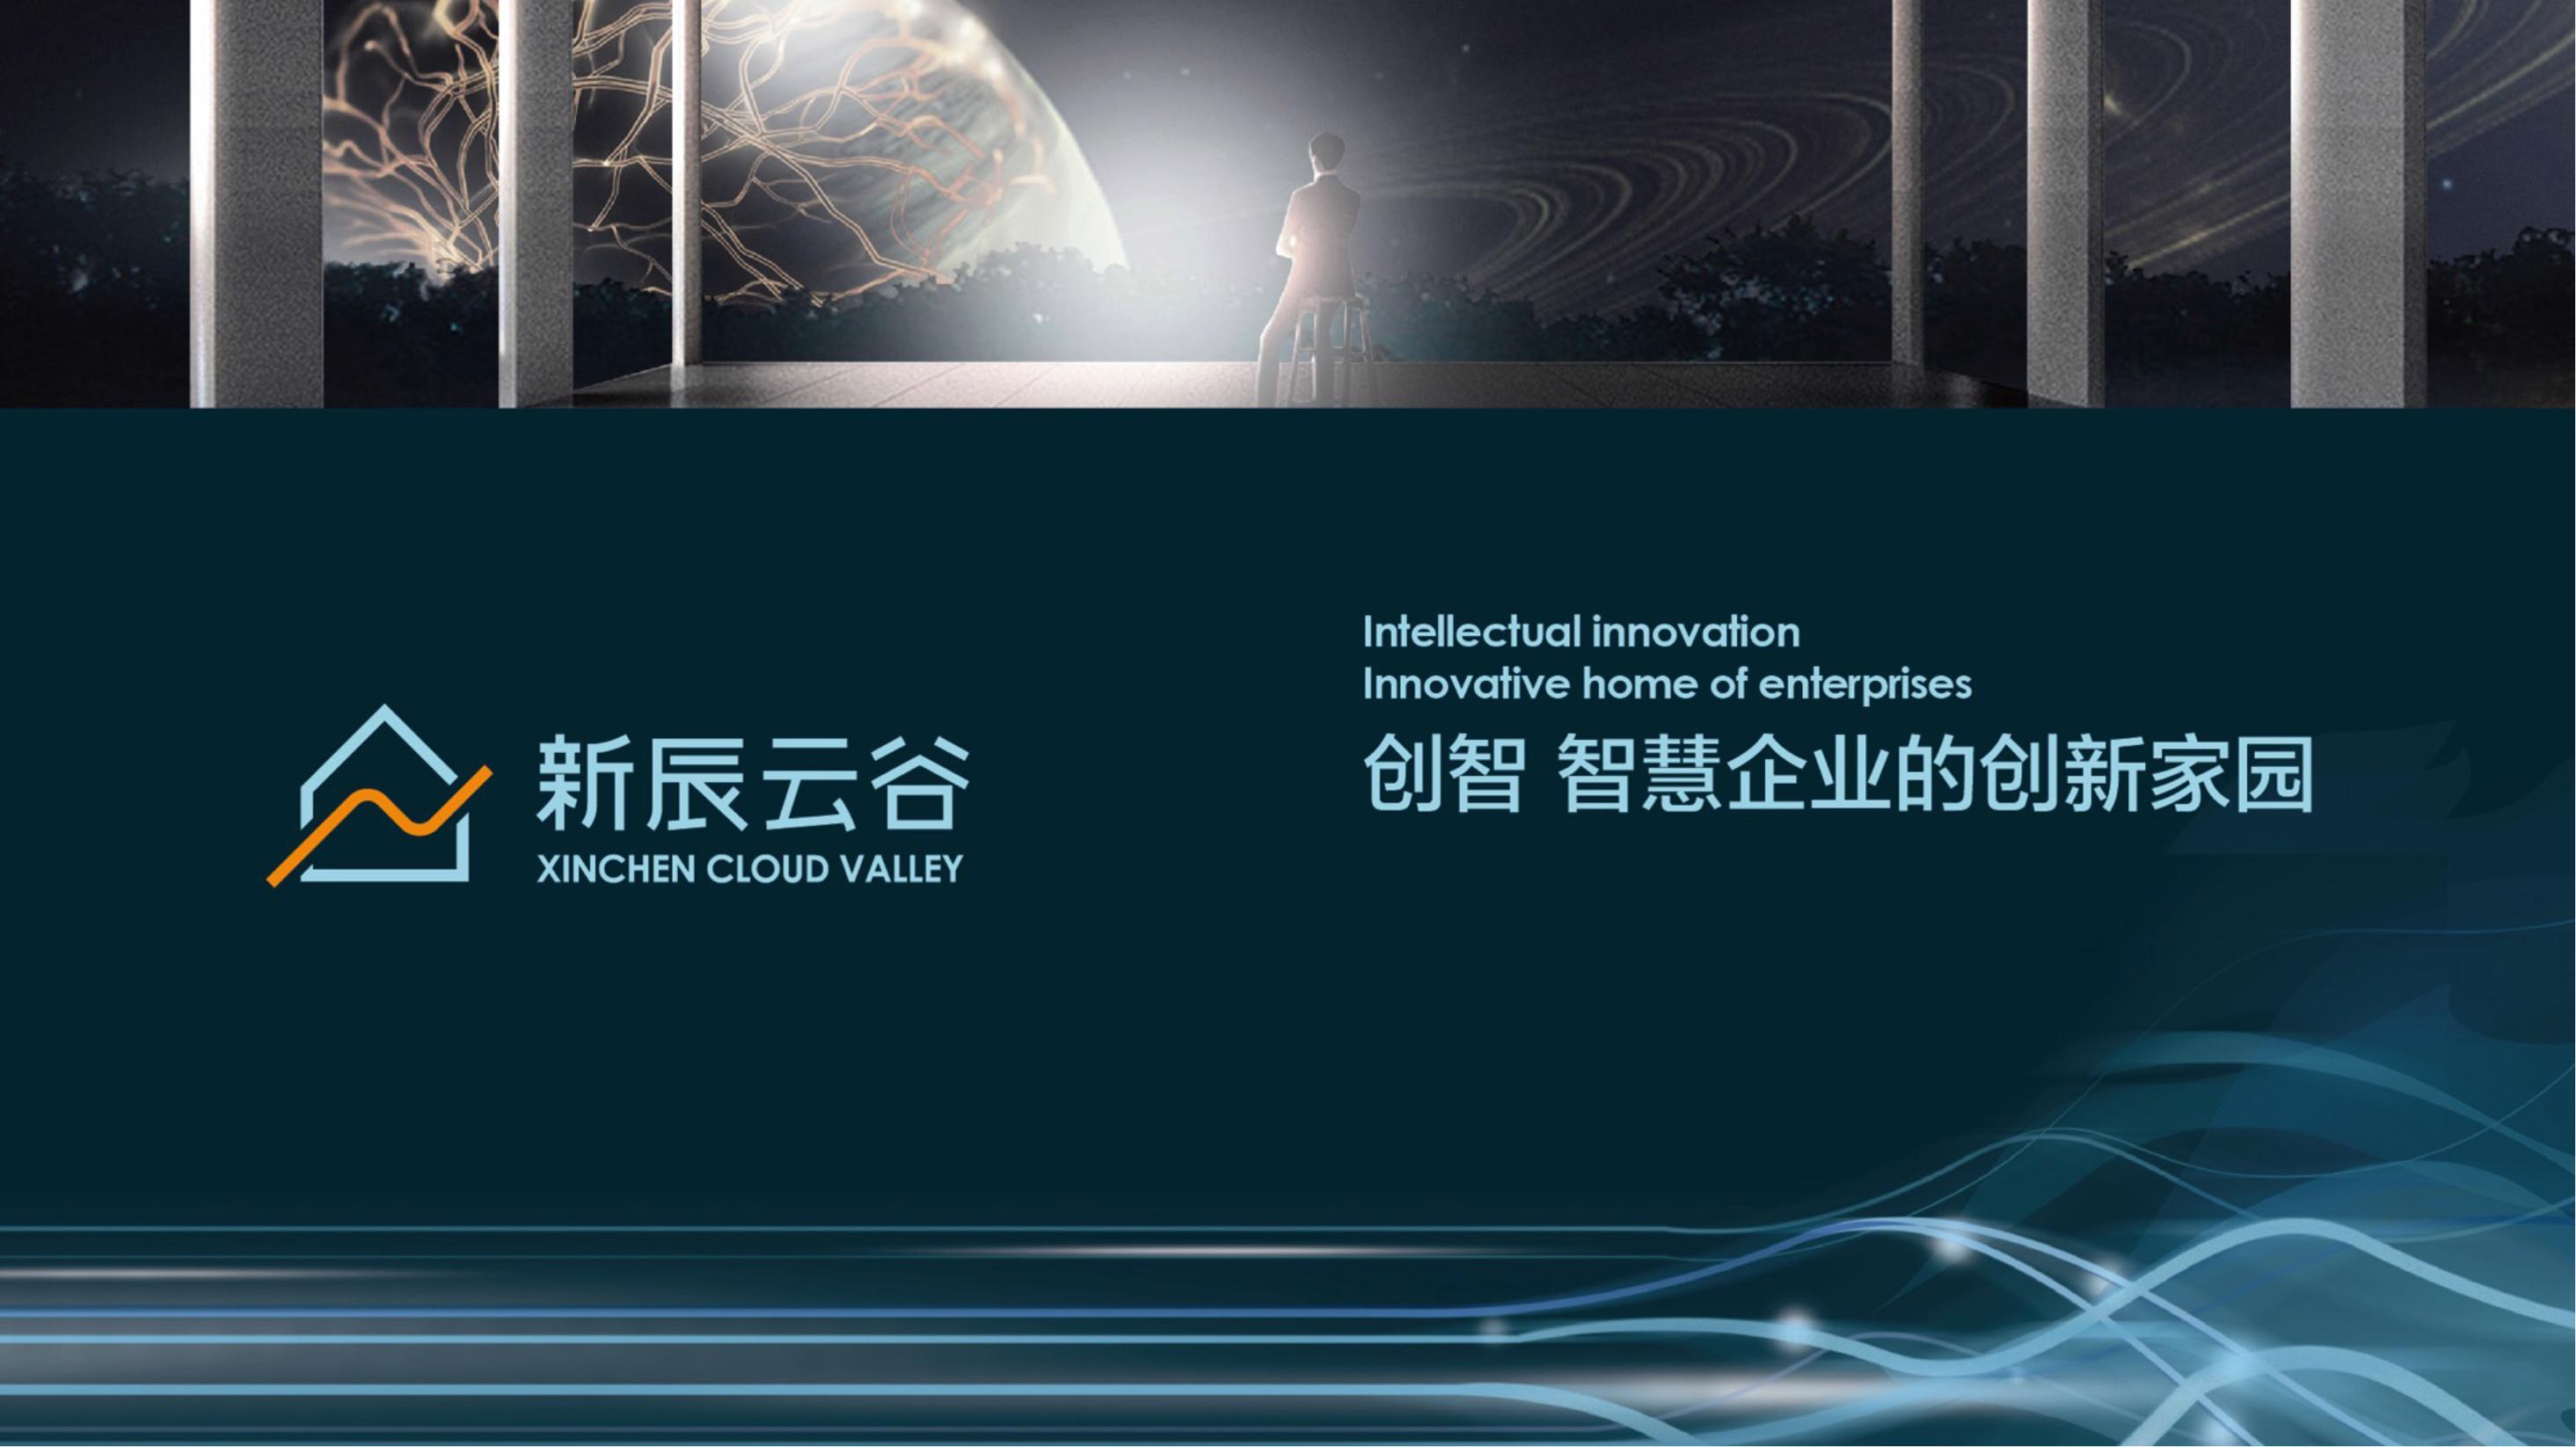 新辰云谷(西湖大学)国家大学科技园